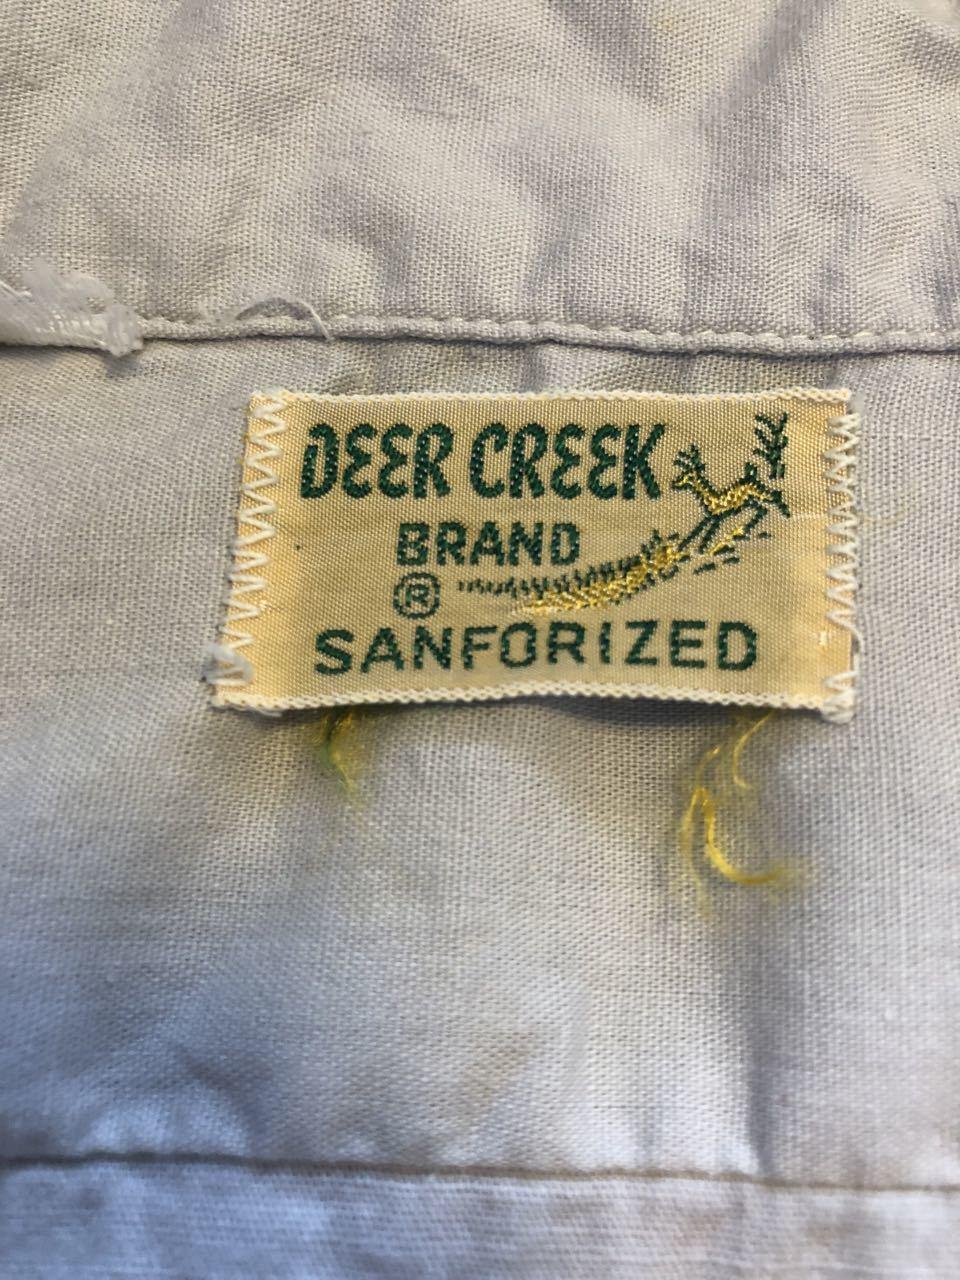 5月11日(土)入荷!50s ワンウォッシュ all cotton  Deer Creek 開襟シャツ!_c0144020_13304798.jpg